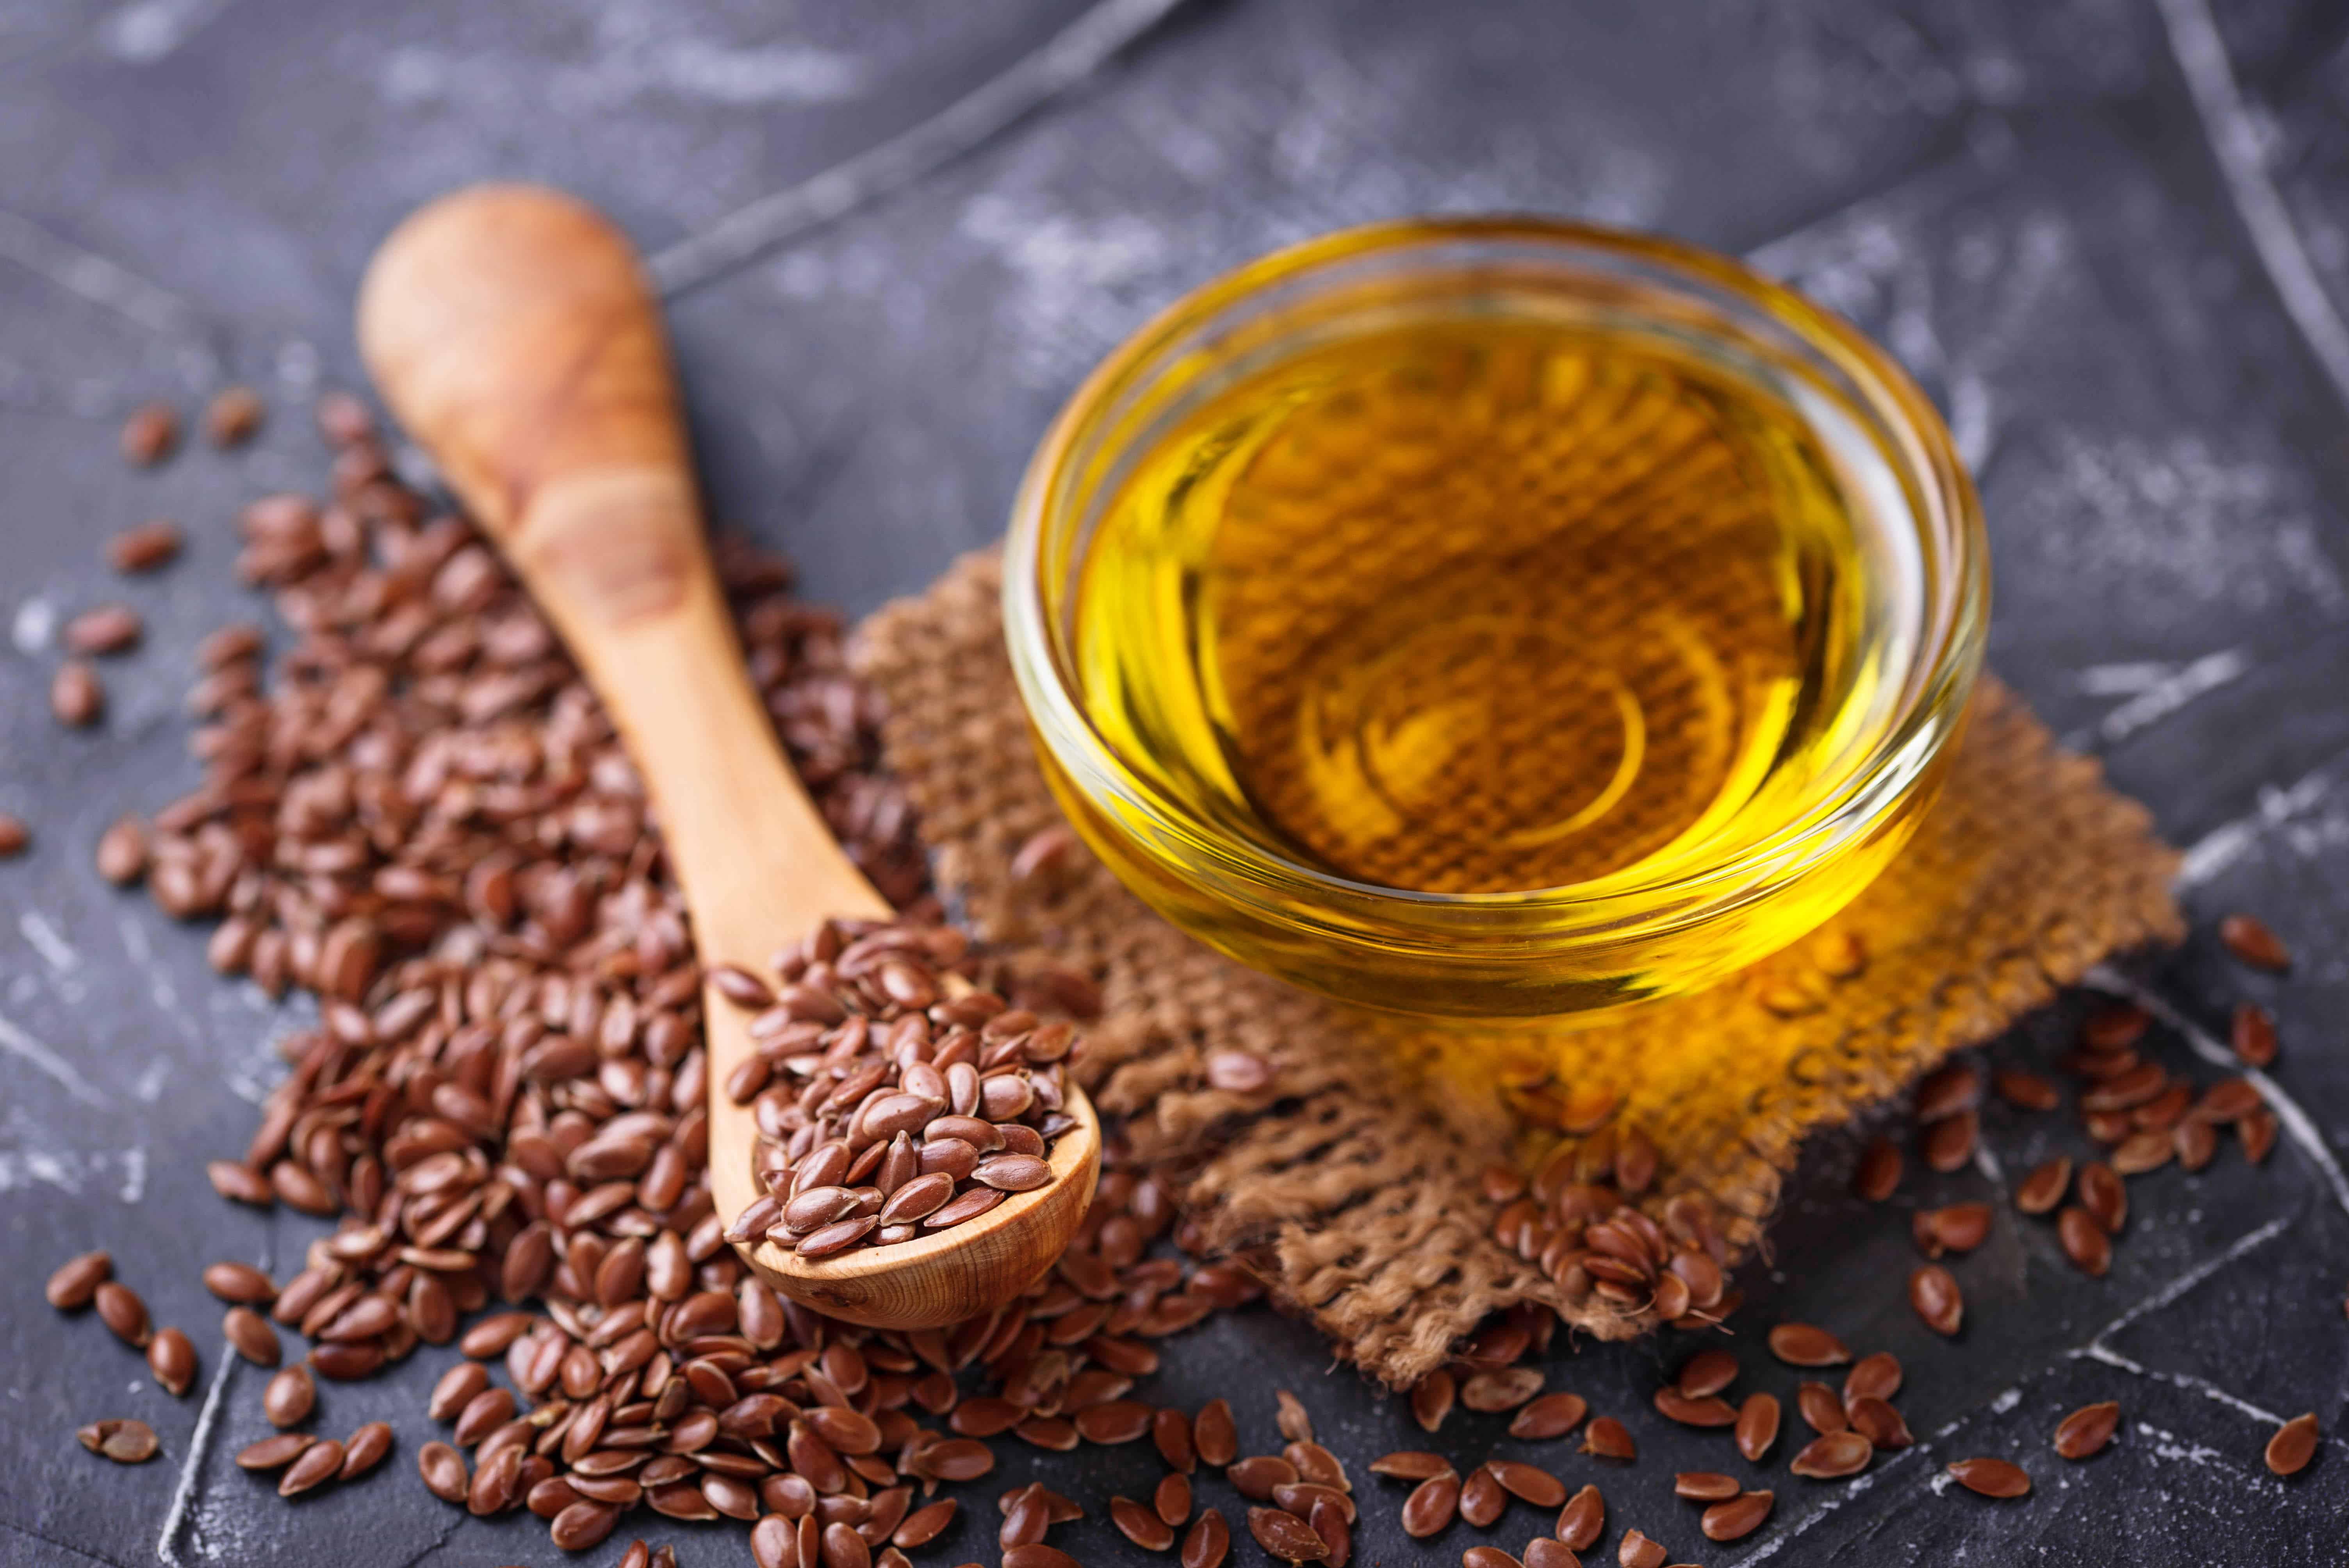 Лен - коричневый и золотой - суперфуд для похудения. В чем отличия и какой из них полезнее